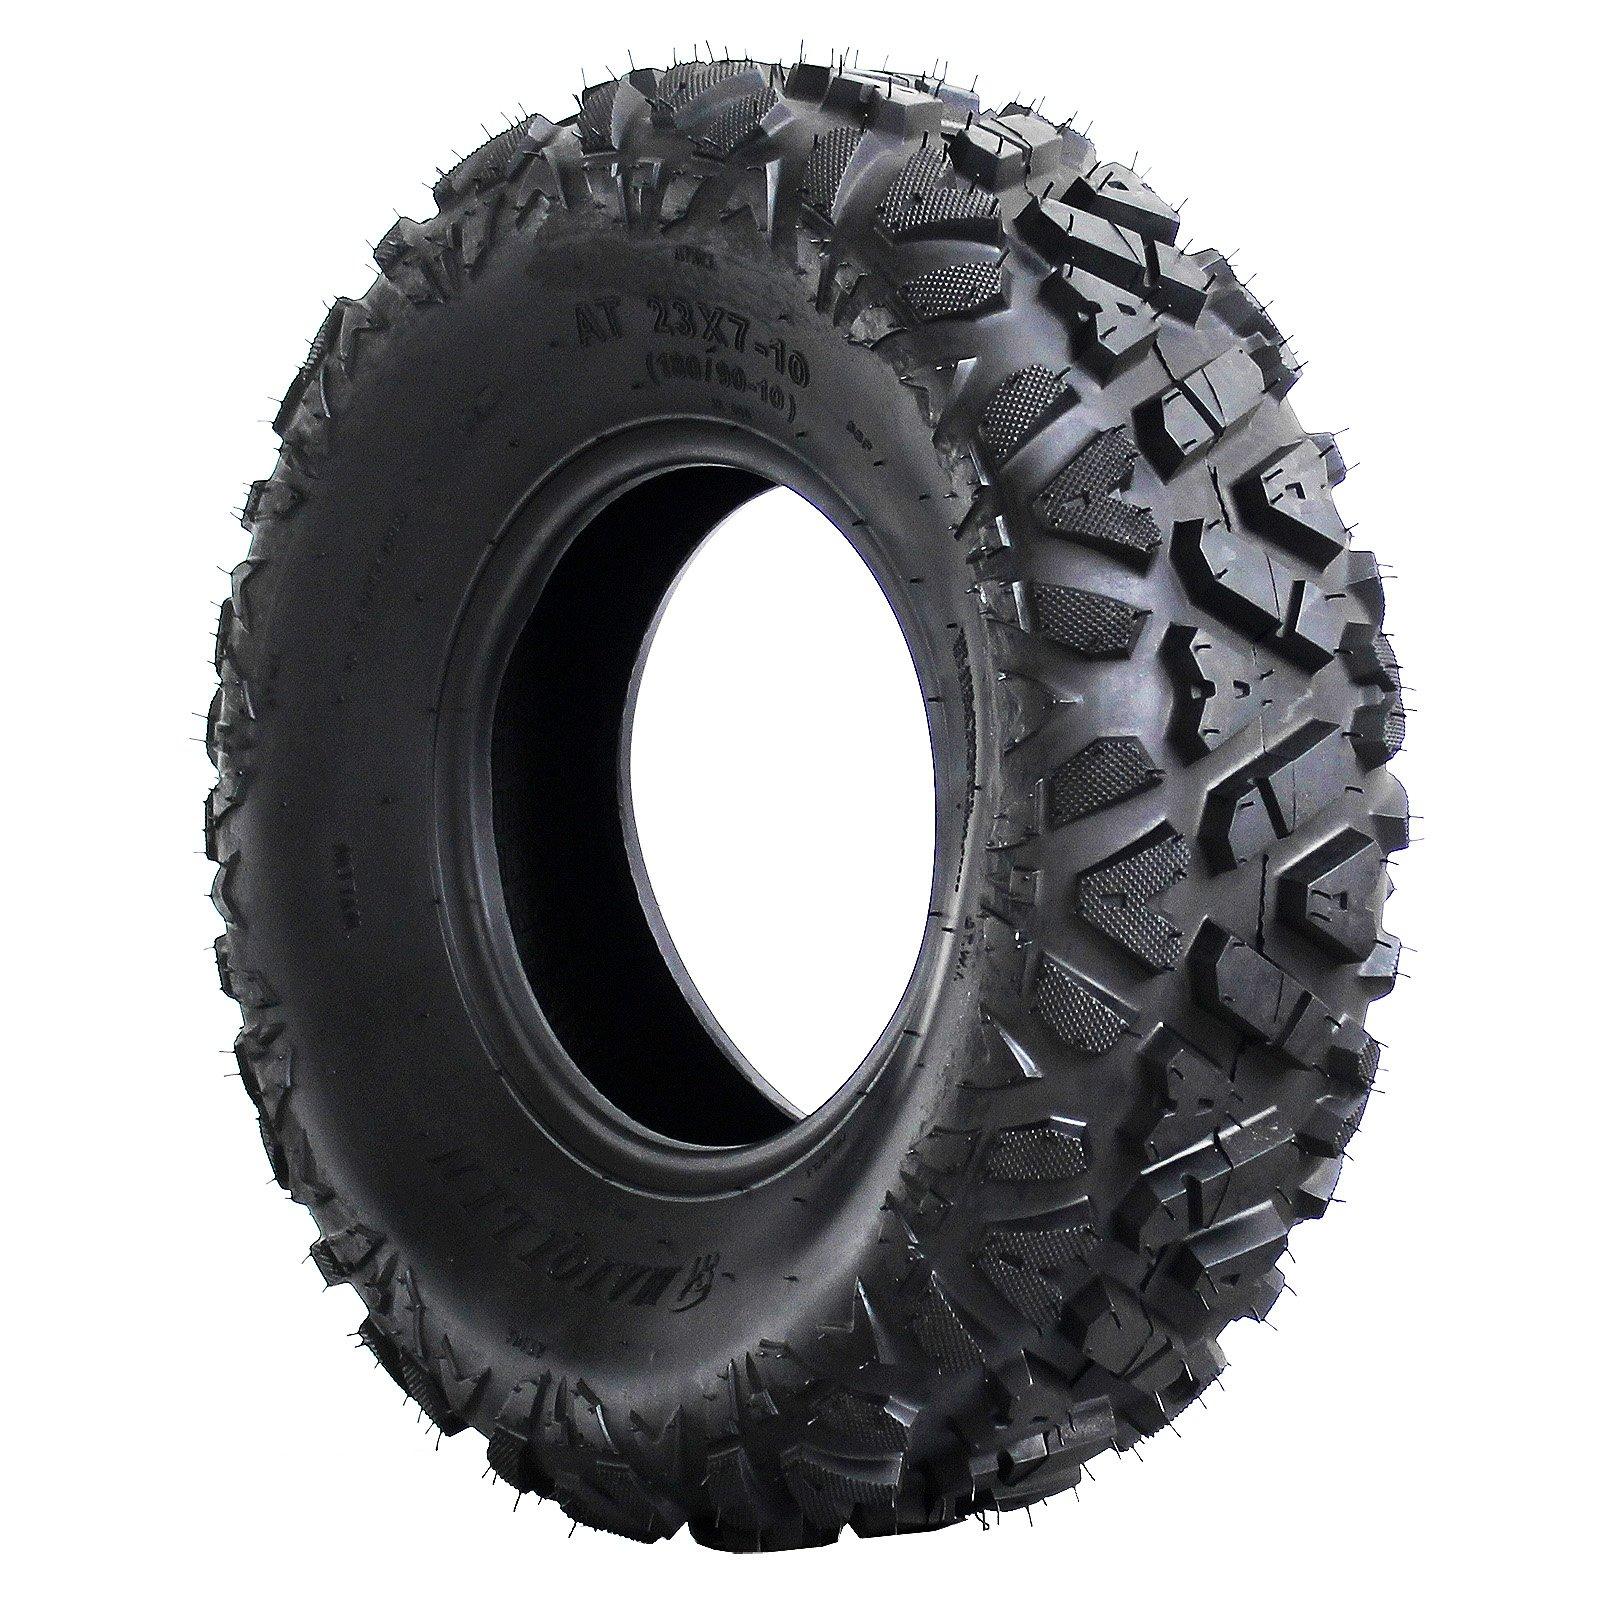 AR DONGFANG ATV Tires JK-600 Quad UTV Go Kart Tires ATV Tire 4PLY Tubeless (23X7-10)